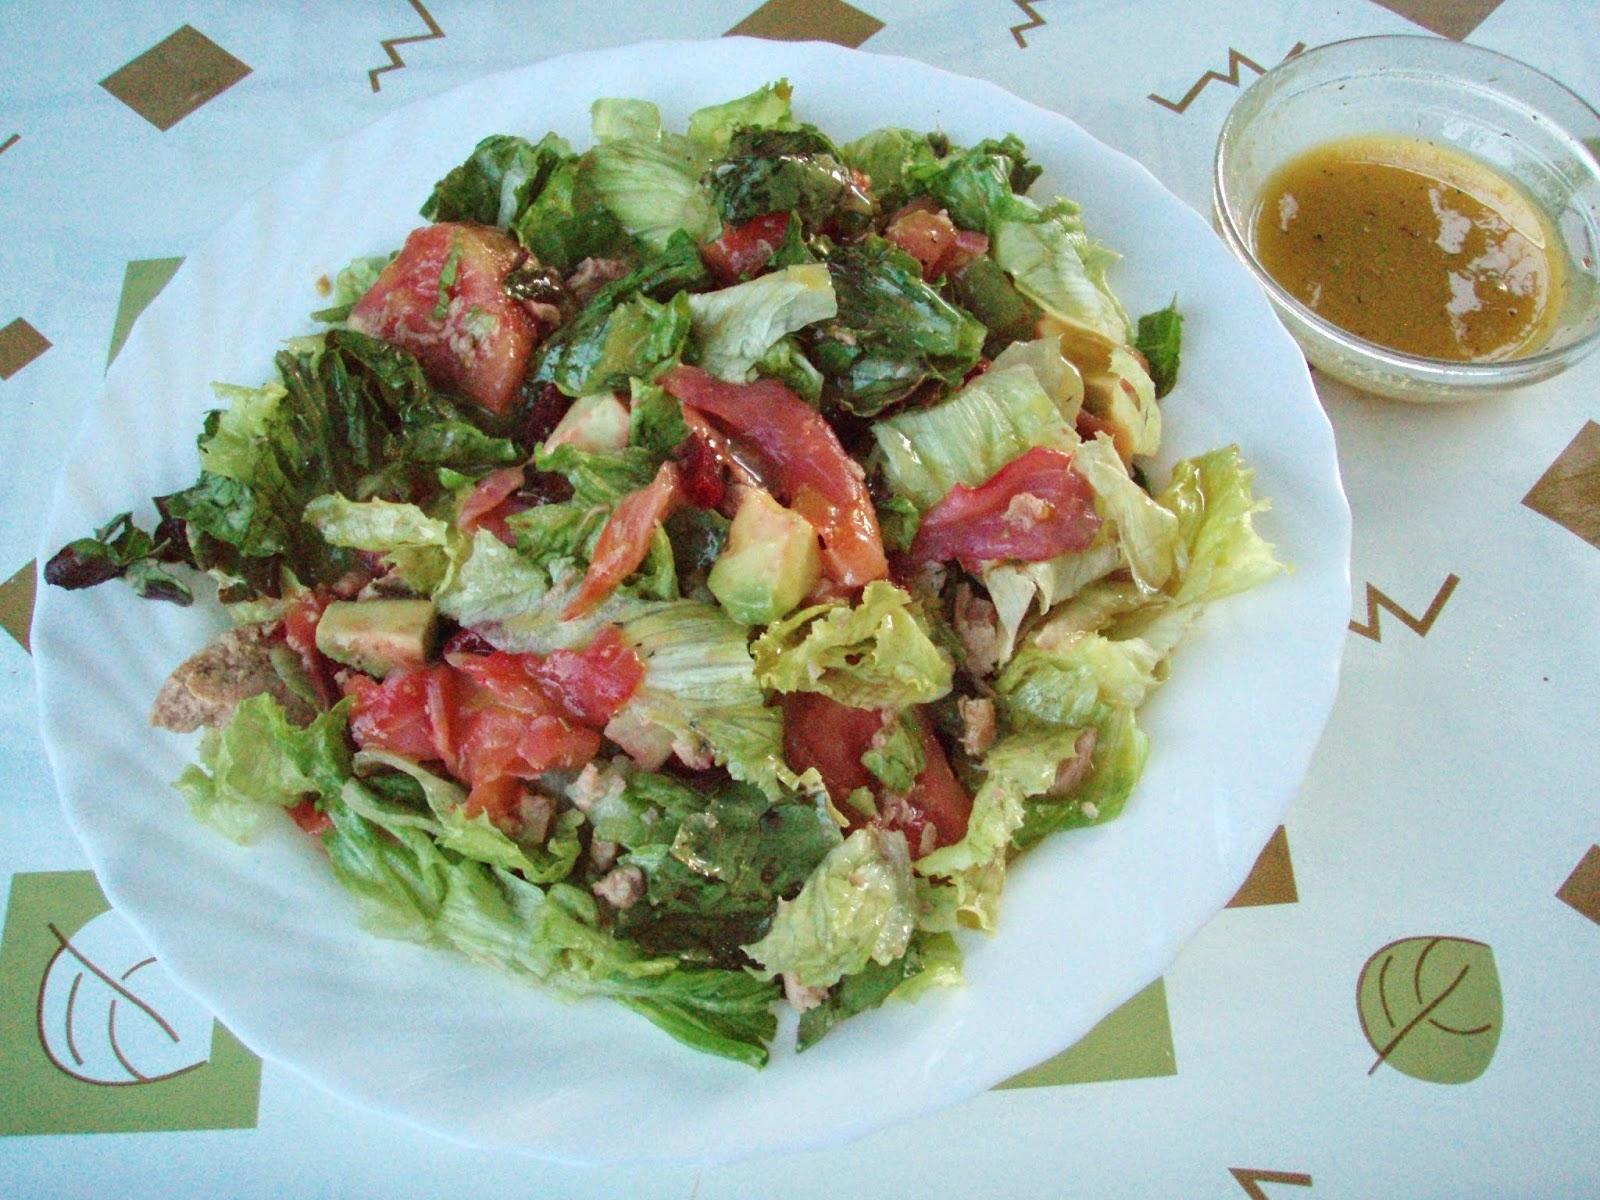 El tiempo entre cucharas ensalada de salm n y aguacate con ali o de mostaza y miel - Ensalada con salmon y aguacate ...